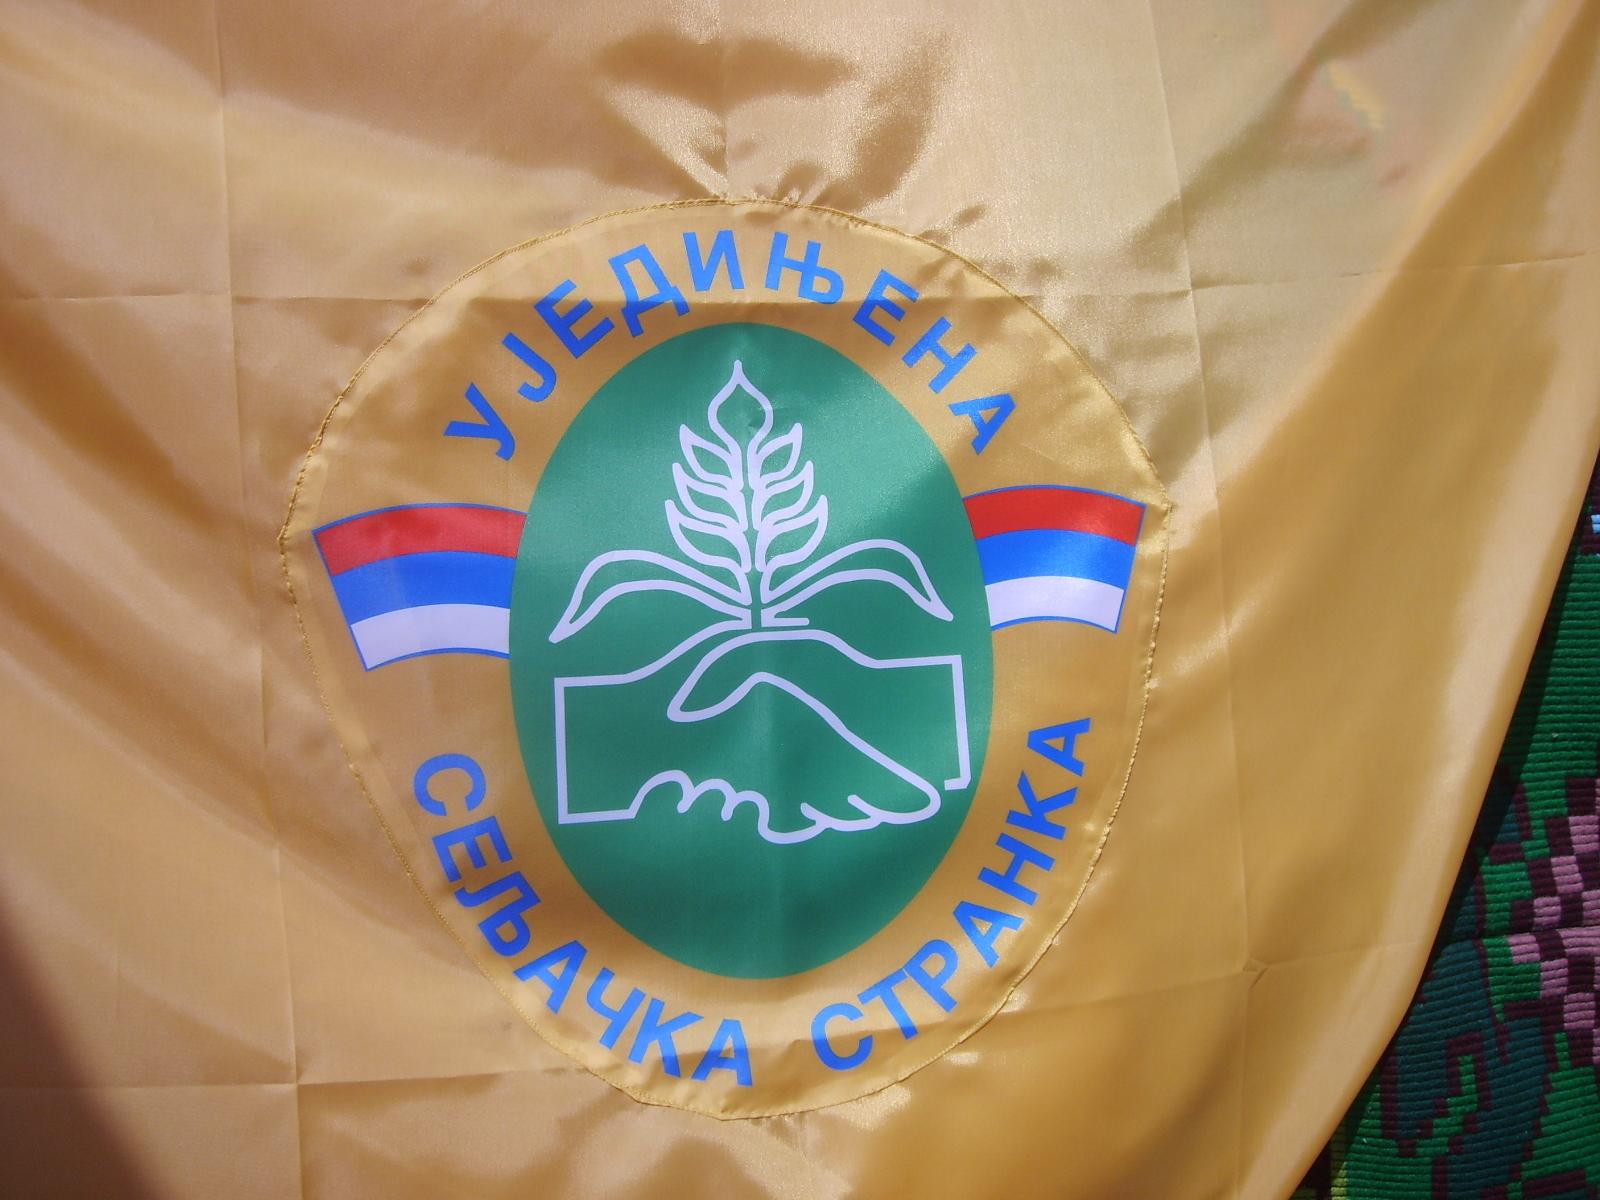 Ujedinjena seljčaka stranka, foto: Svrljiške novine